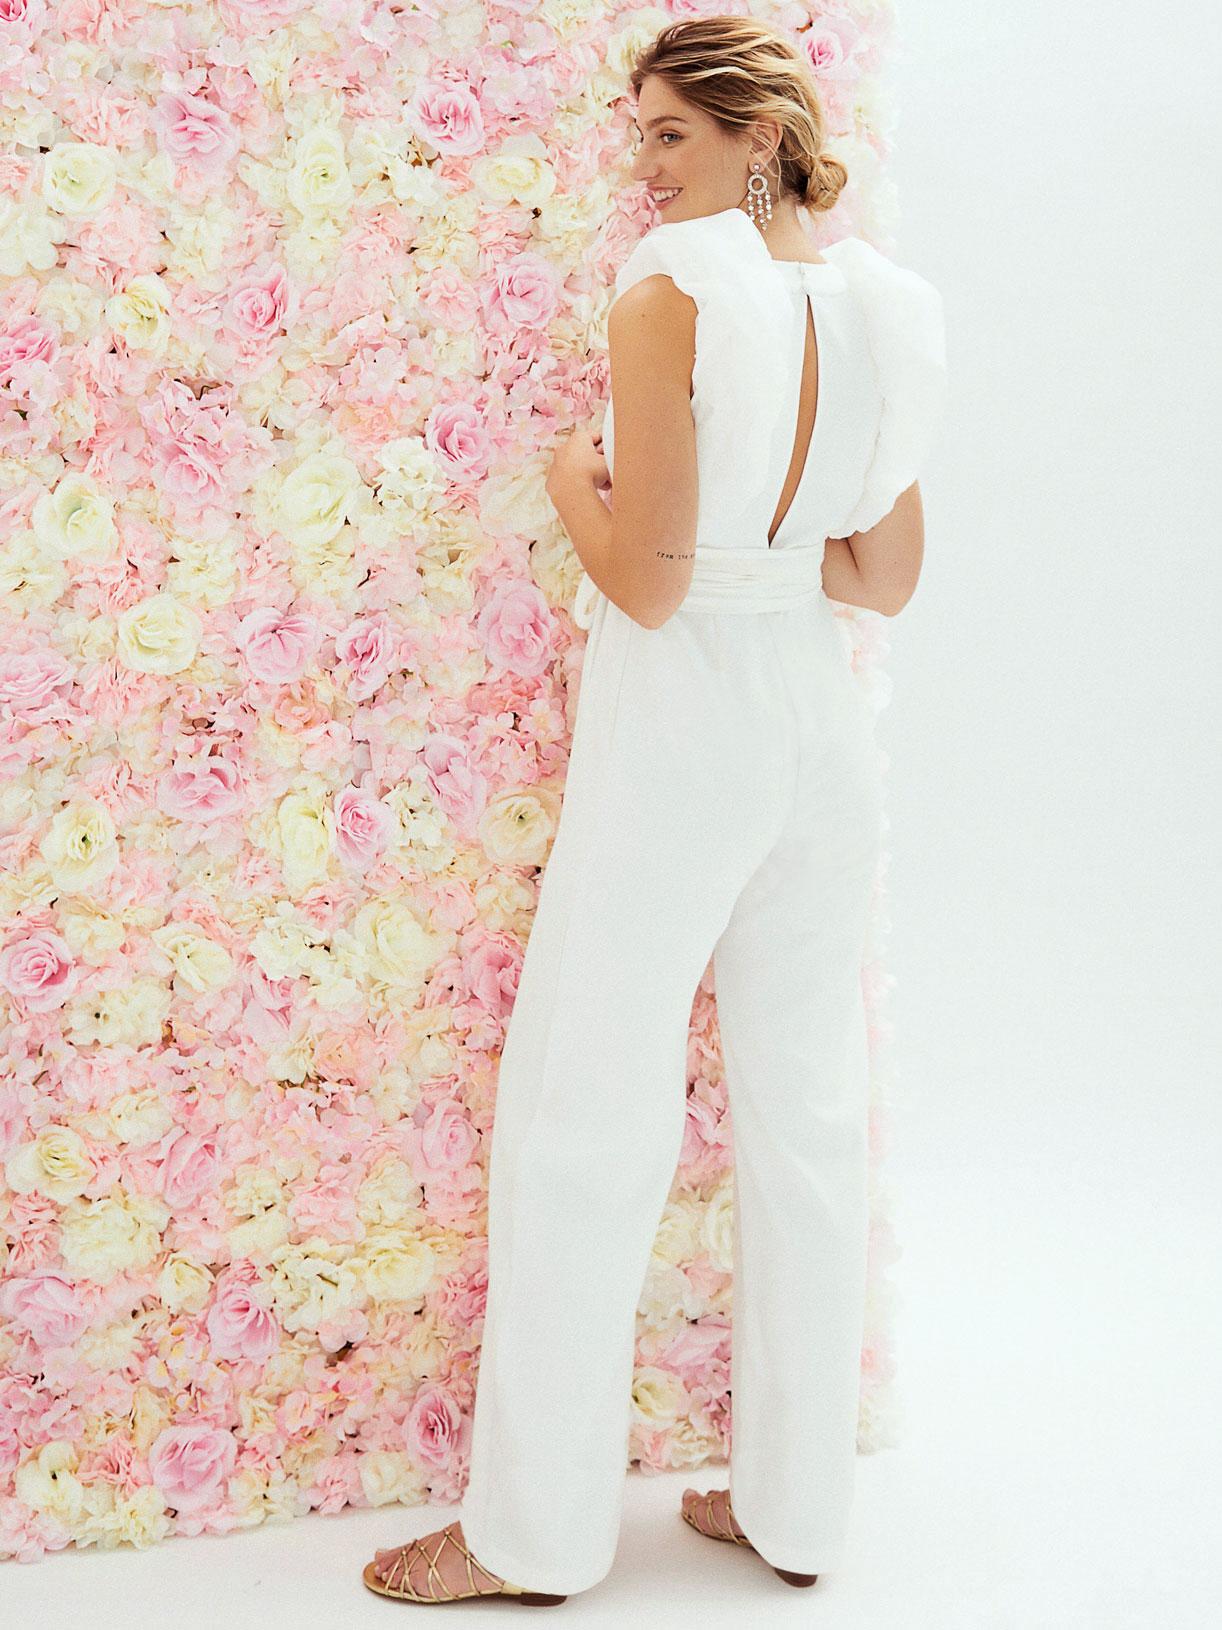 Combinaison de mariée a pantalon large et volants ecoresponsable et sur mesure  - Creatrice de robe de mariée éthique et écoresponsable a Paris - Myphilosophy